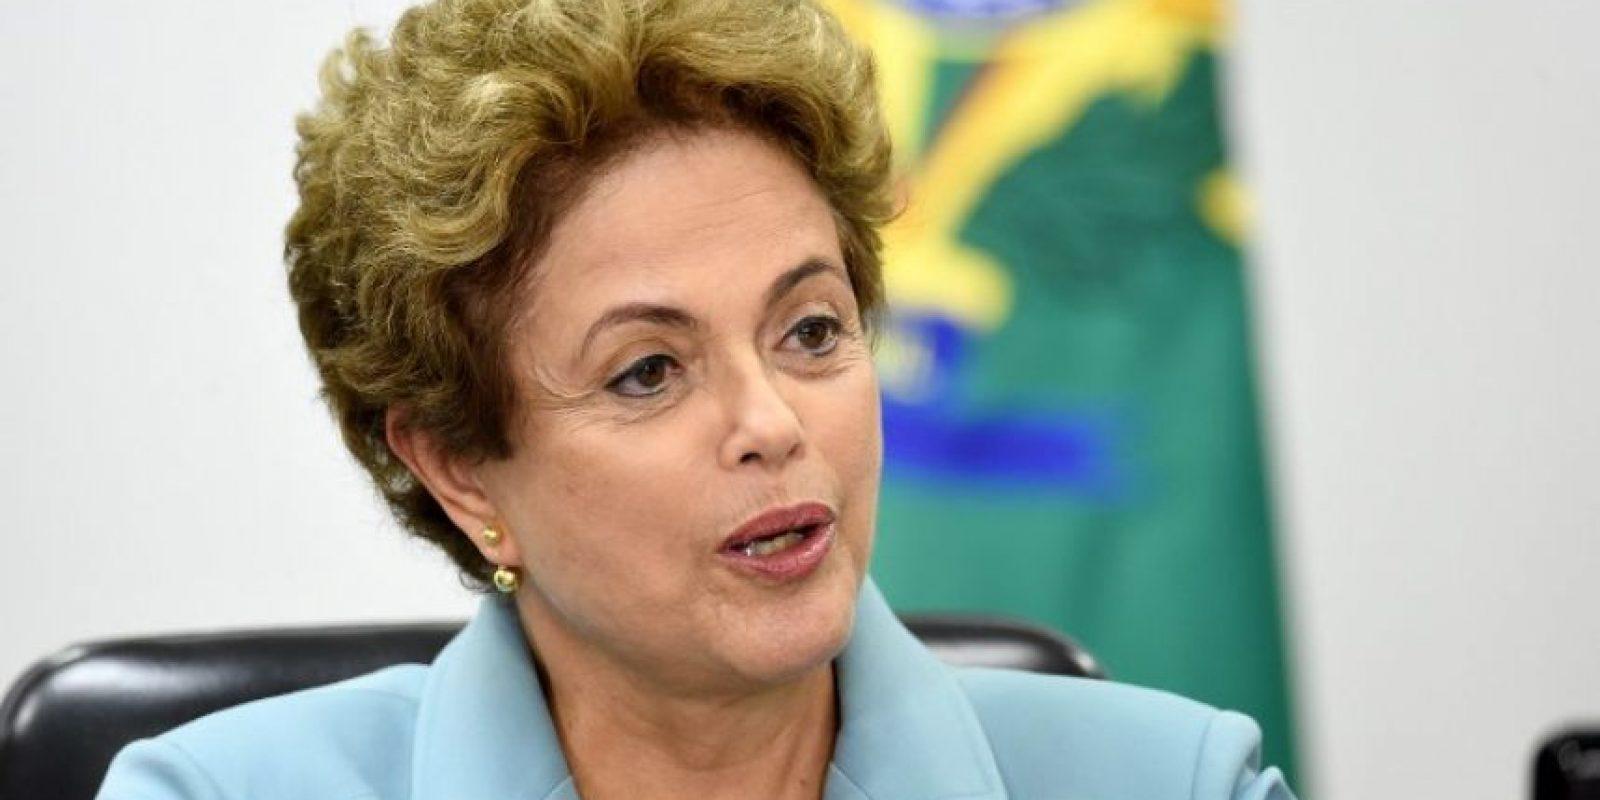 """A Dilma Rousseff se le acusa de haber """"maquillado"""" cuentas públicas de 2014 y 2014 cargando gastos de su campaña presidencial a la reelección Foto:AFP"""